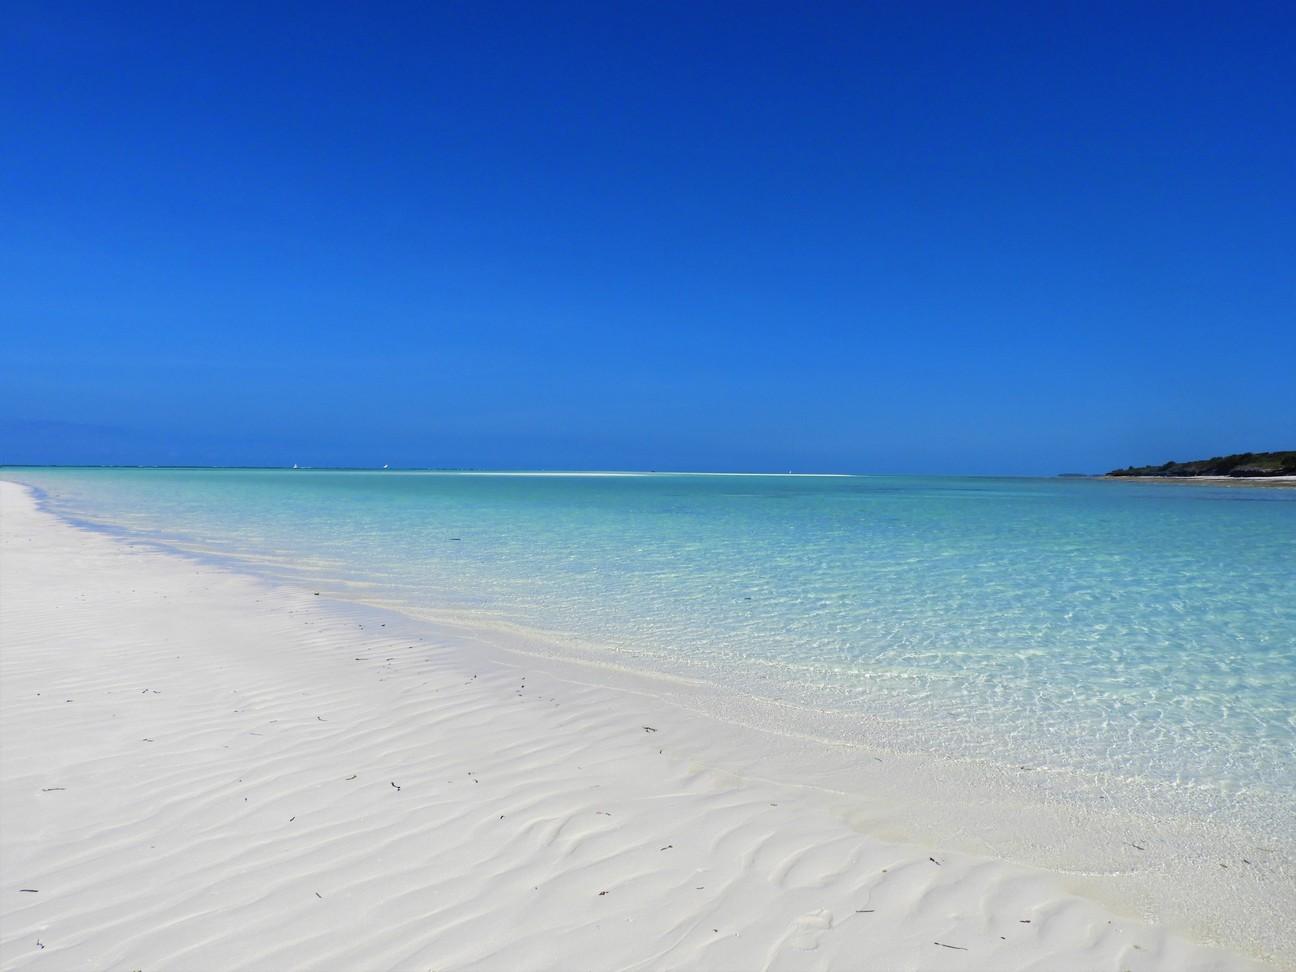 Sand dunes in Nungwi, Zanzibar